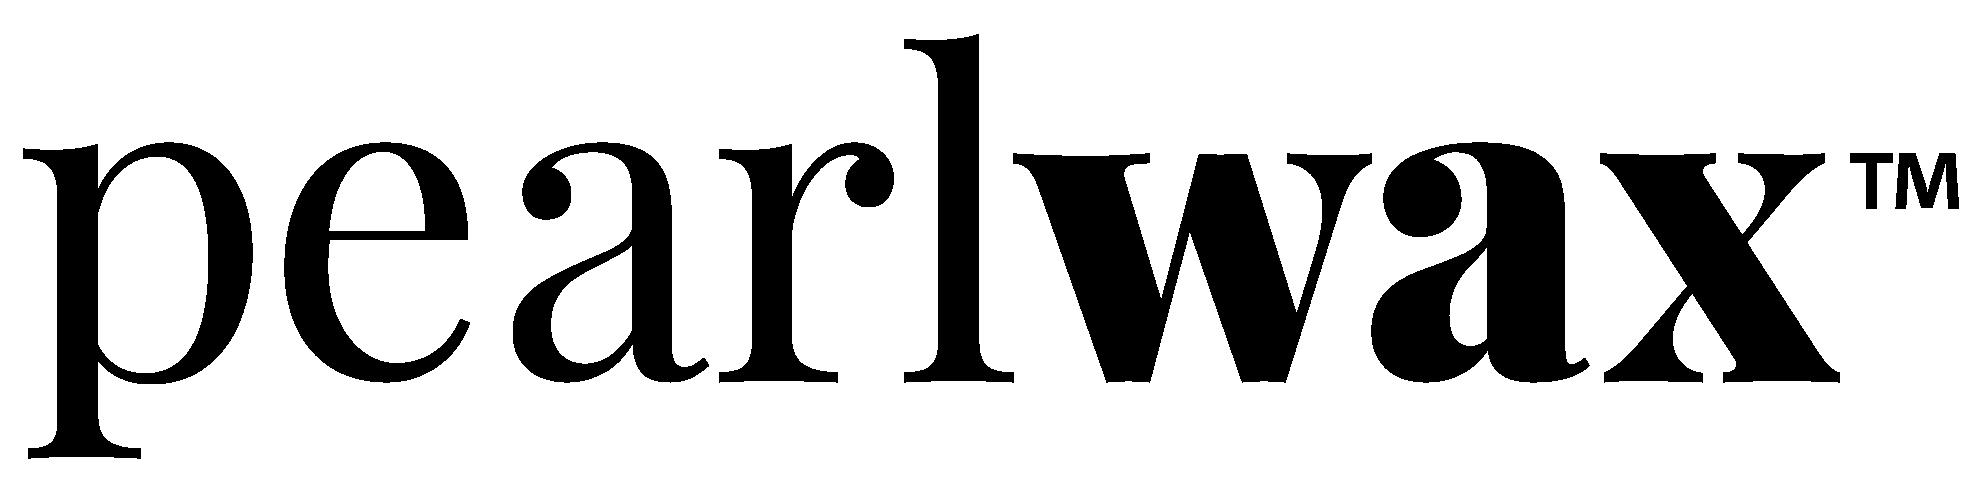 Logo - sort og hvid-01.png